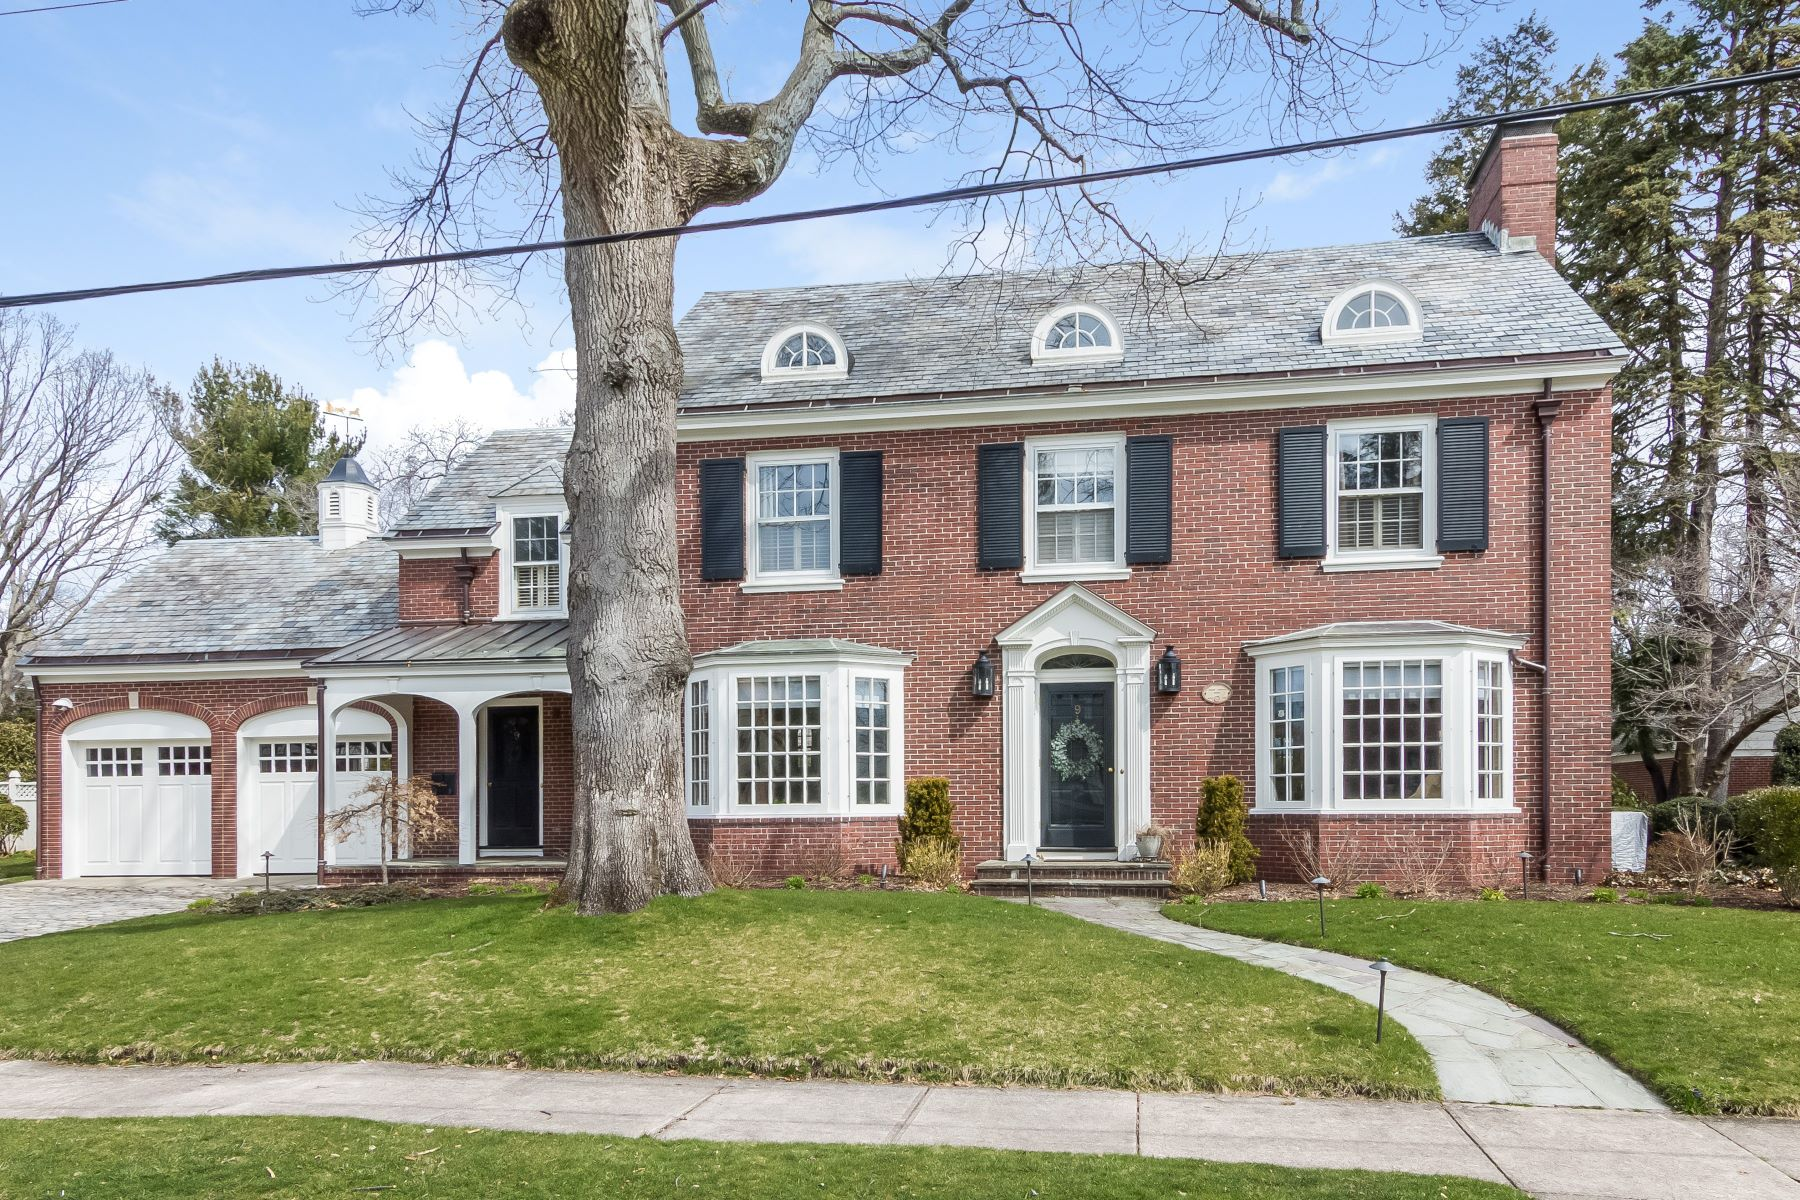 独户住宅 为 销售 在 9 Kenilworth Wy, Pawtucket, RI 9 Kenilworth Wy Pawtucket, 罗得岛 02860 美国